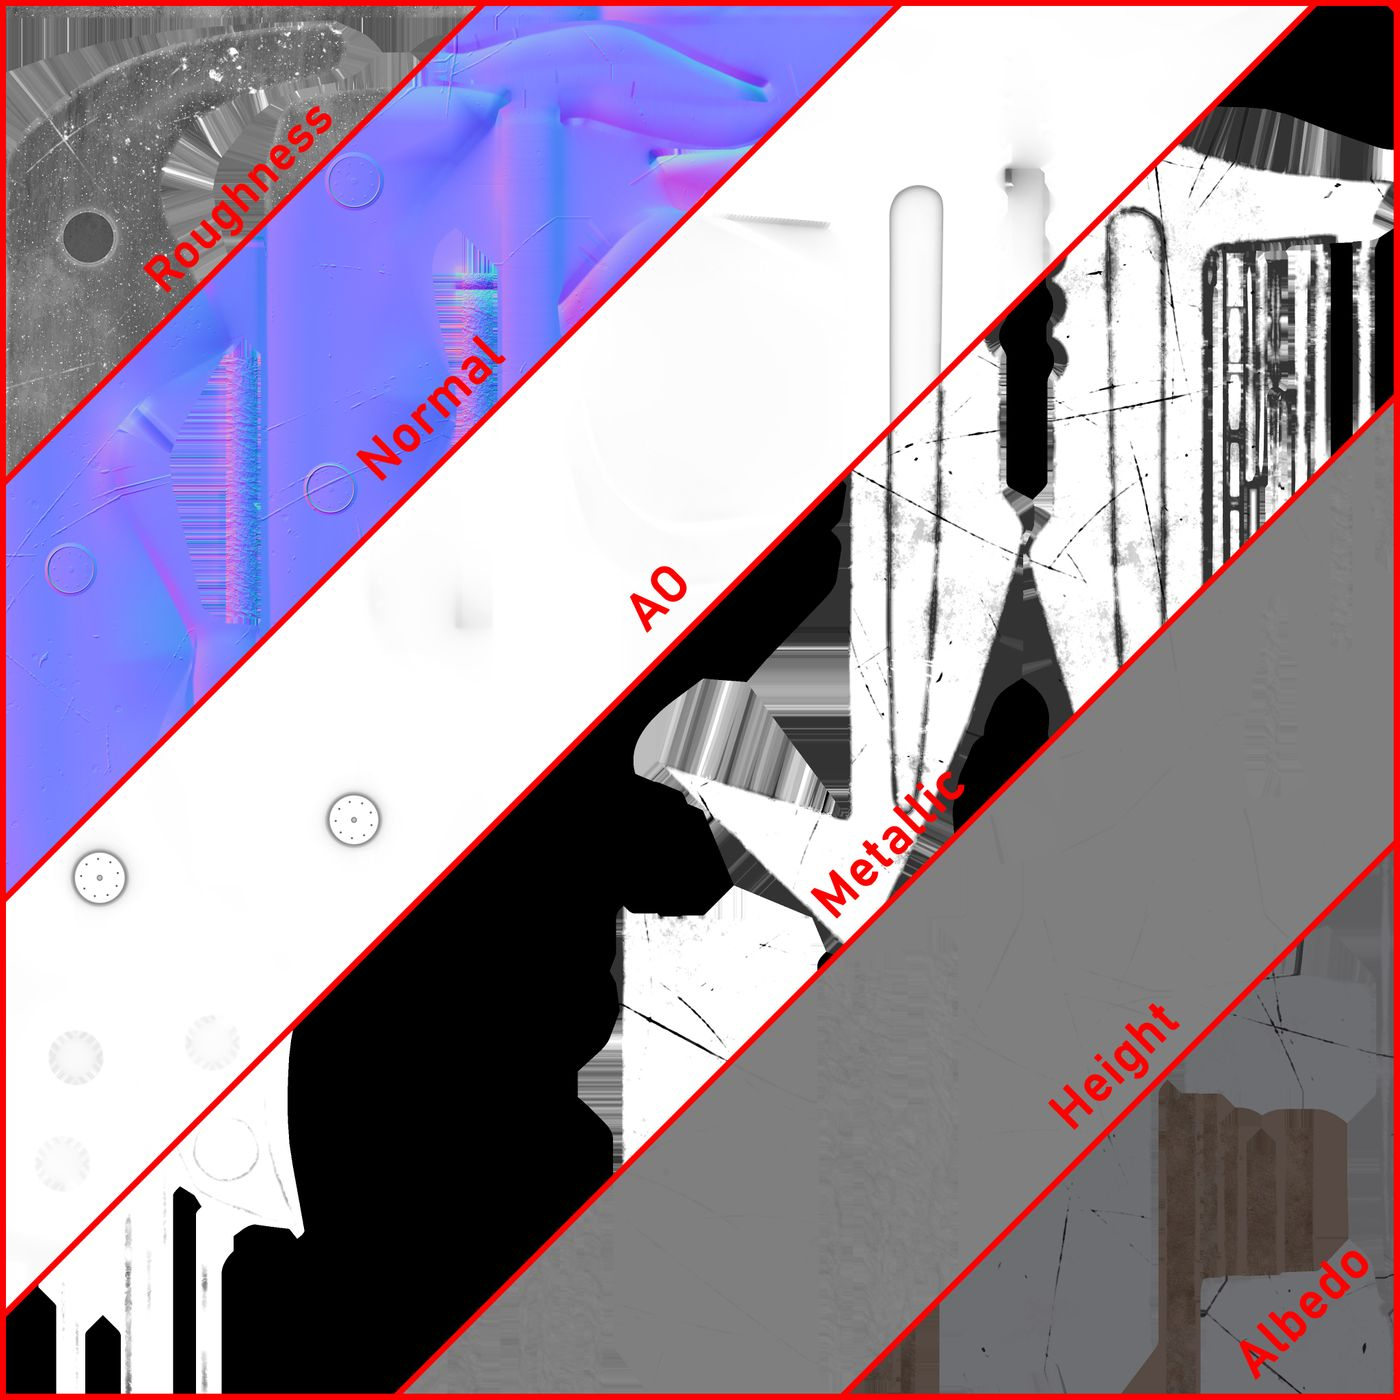 Https: F; F;d3stdg5so273ei.cloudfront.net F;vardhan007 F;2019 07 11 F;356077 F;1400x Auto F;maps Vardhan007